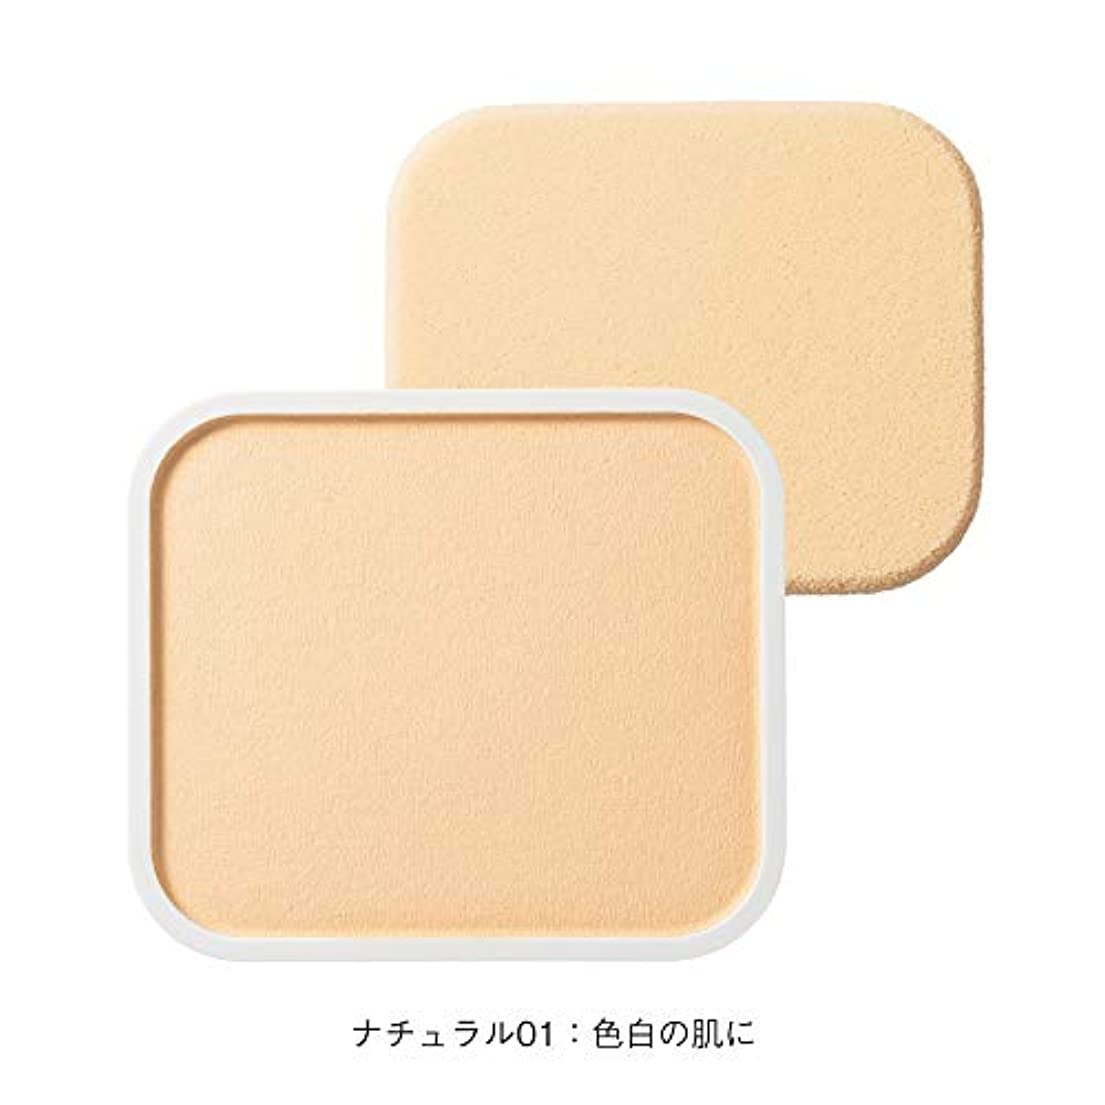 お風呂バスルーム薬を飲むカシミアフィットファンデーション リフィル(専用パフ付)ナチュラル01 10g